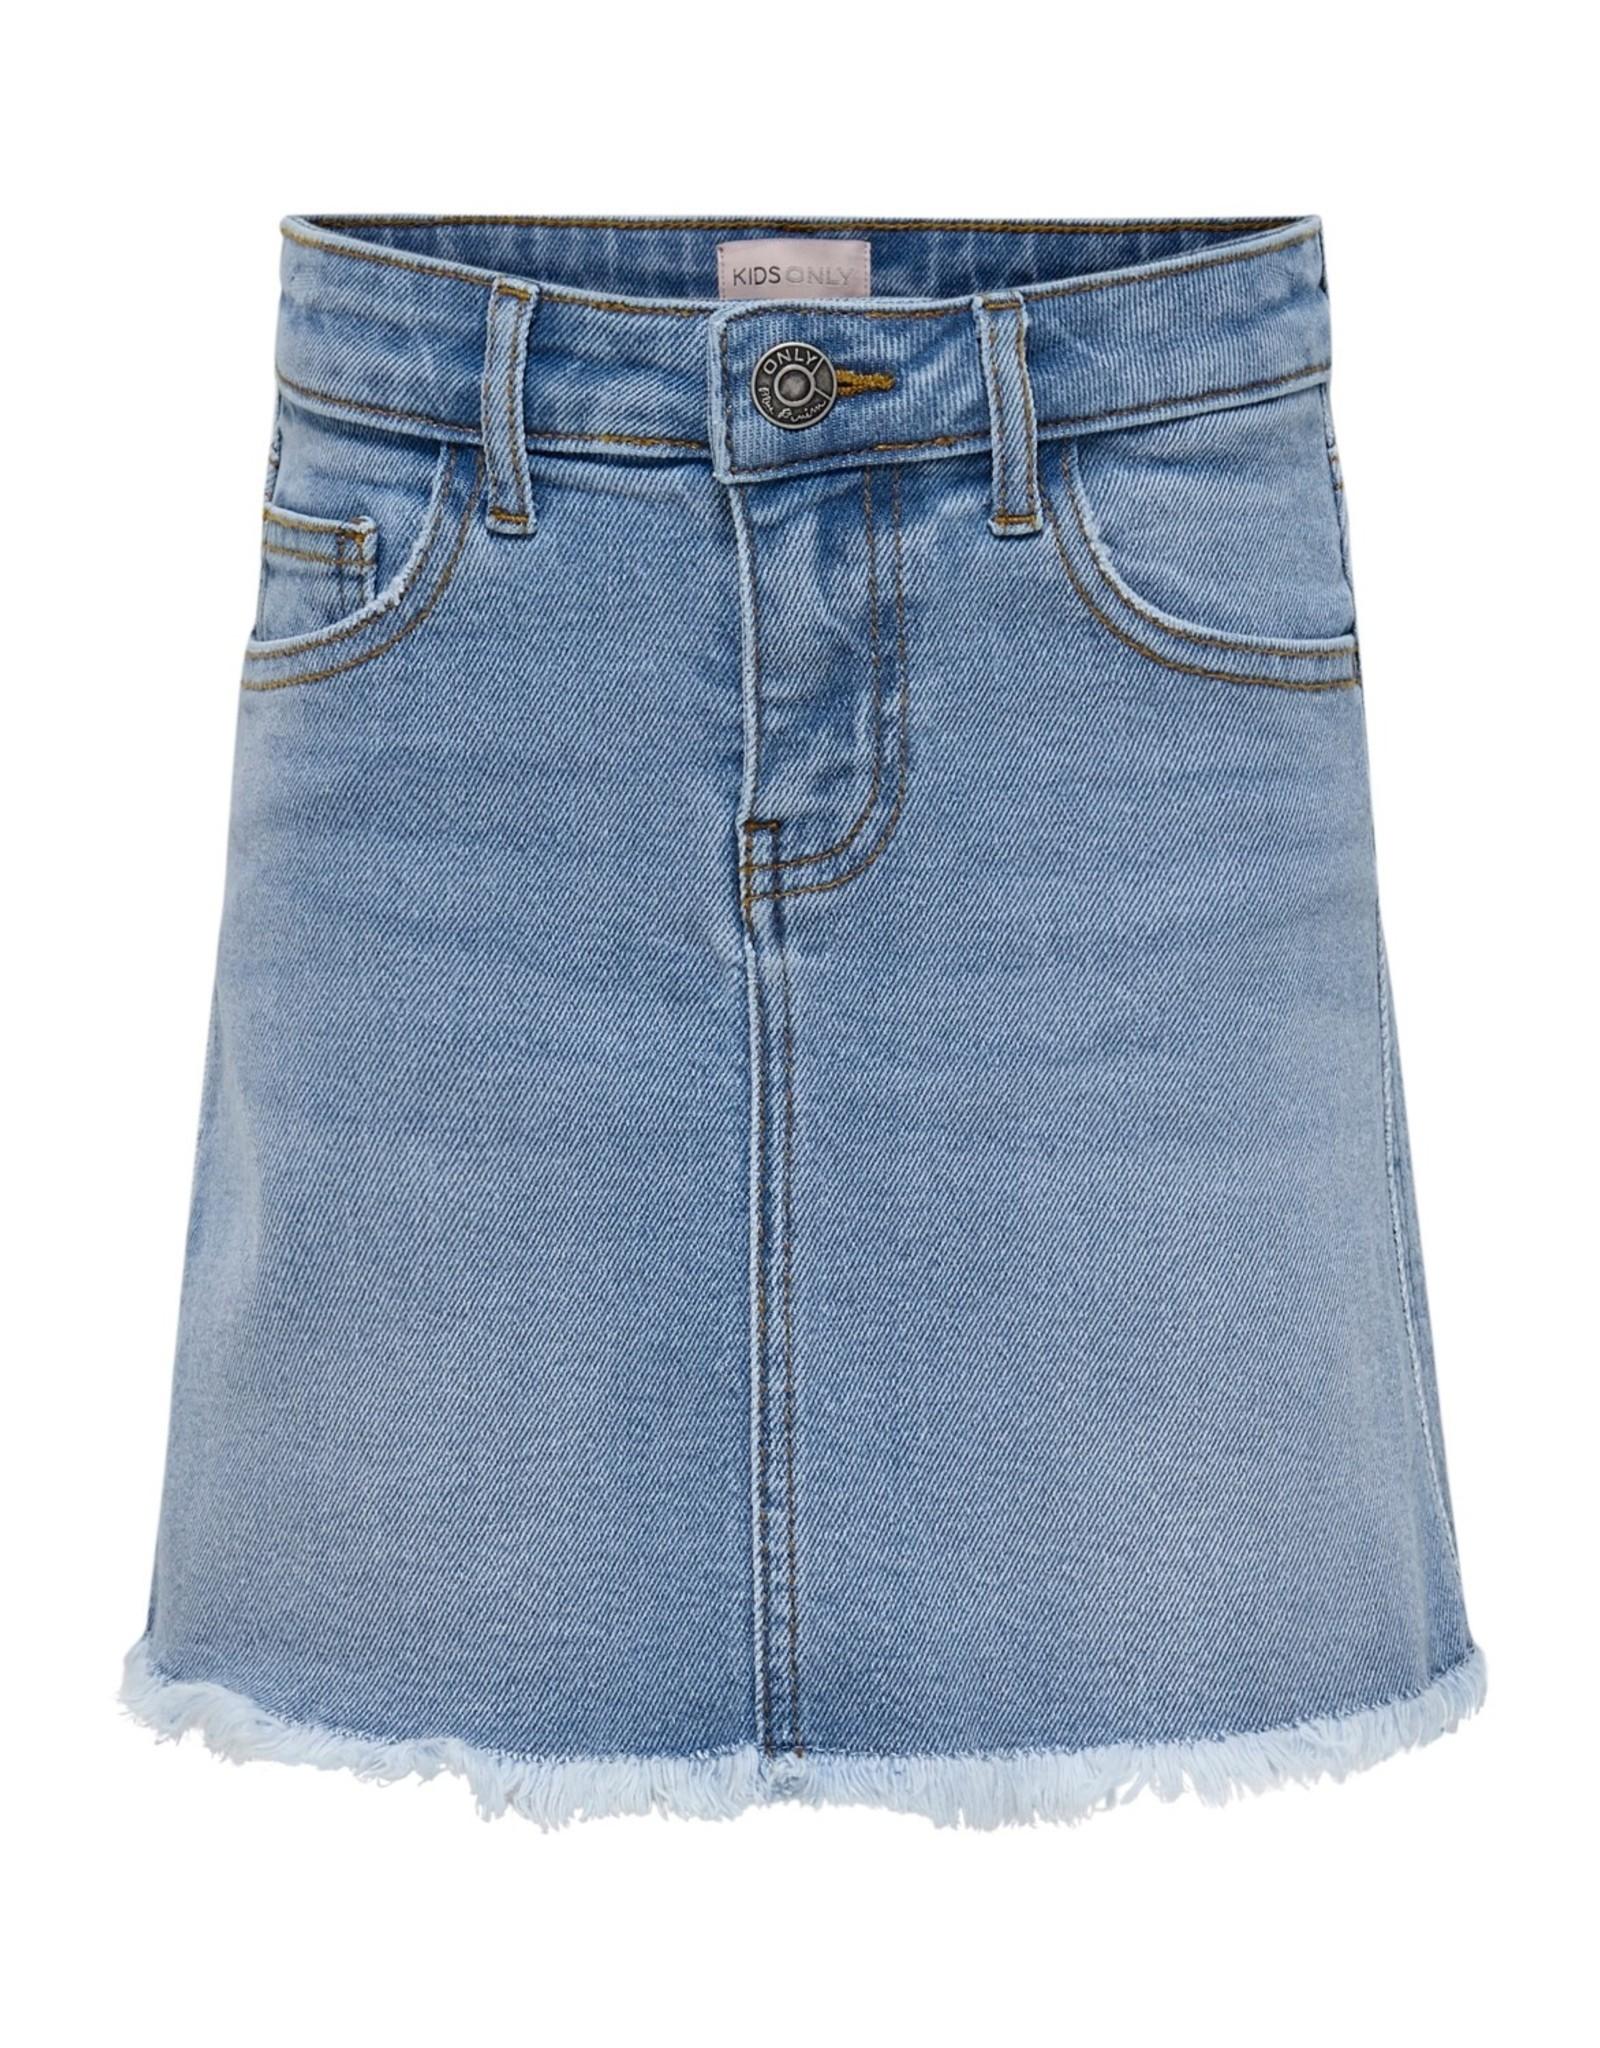 KIDS ONLY Jeans rokje